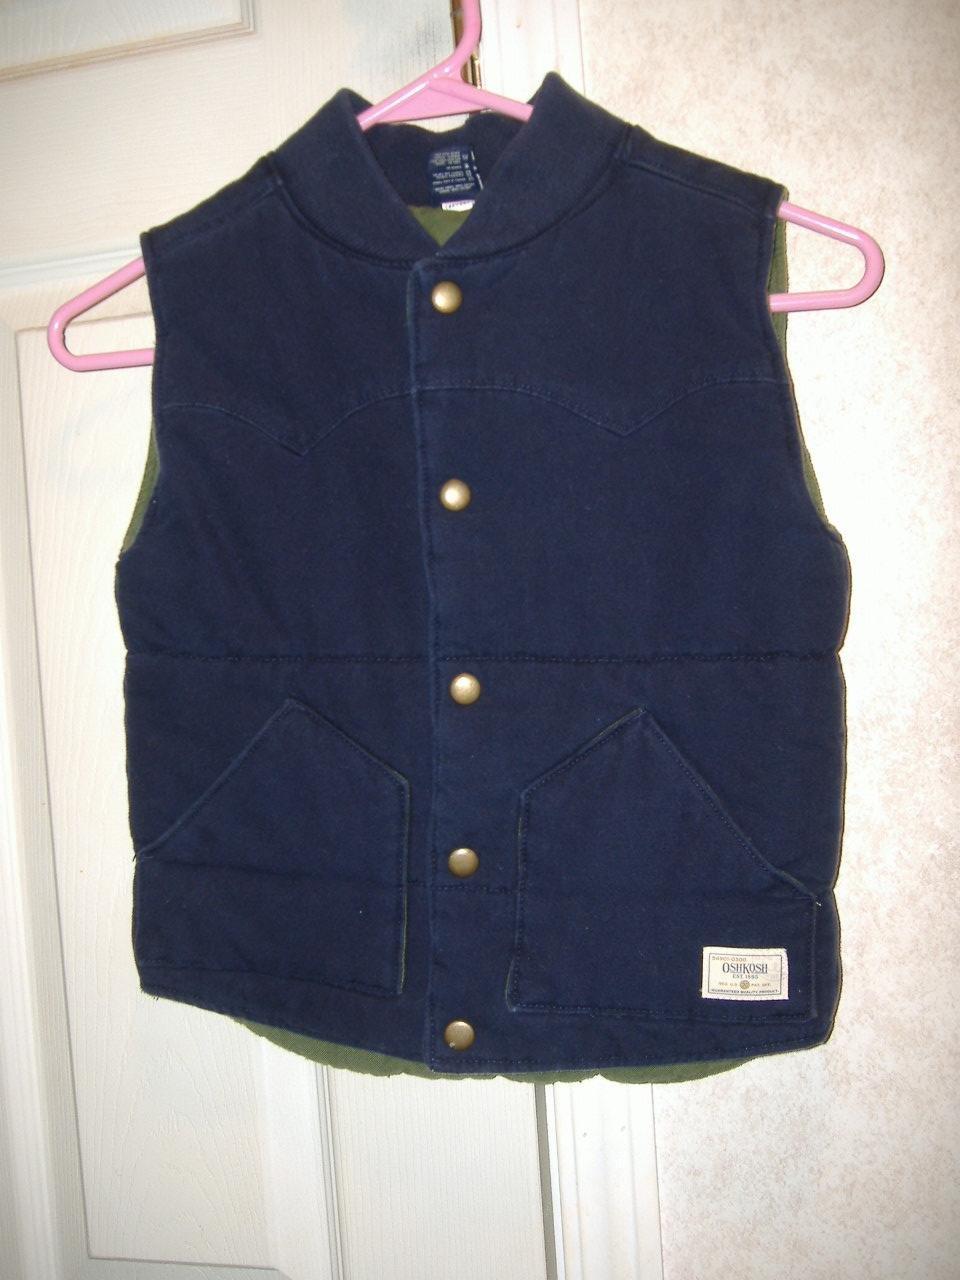 Oshkosh Boy's Sleeveless Vest   Size 5